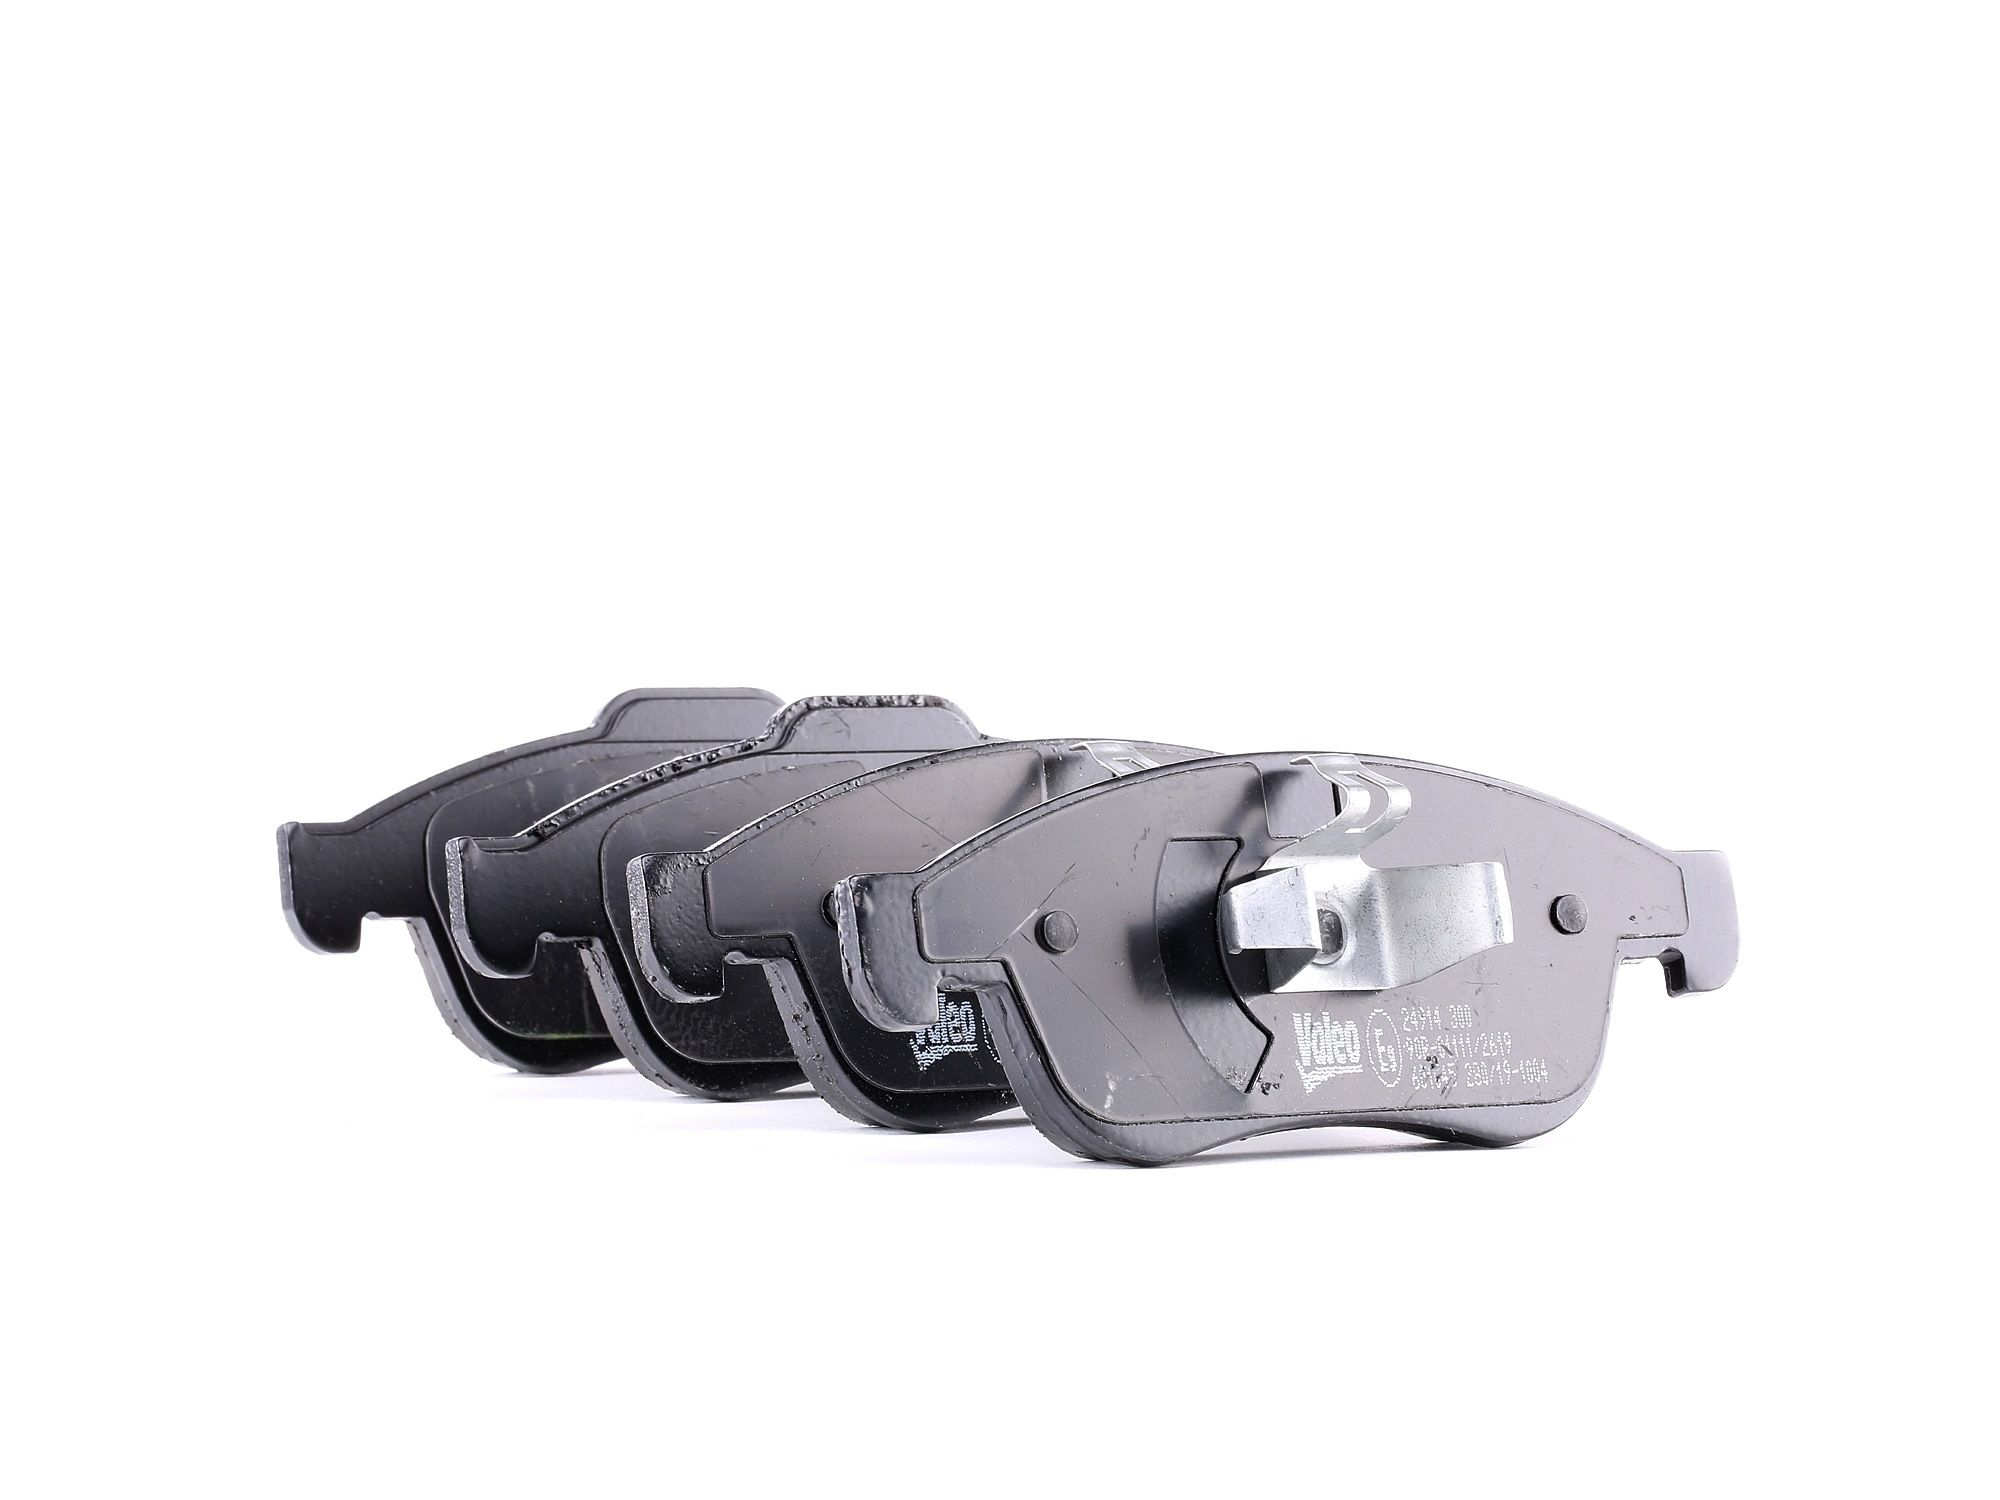 Origine Jeu de plaquettes de frein VALEO 601045 (Hauteur 2: 64,6mm, Hauteur: 59,5mm, Largeur 2: 155,2mm, Largeur: 155,2mm, Epaisseur 2: 18mm, Épaisseur: 18mm)